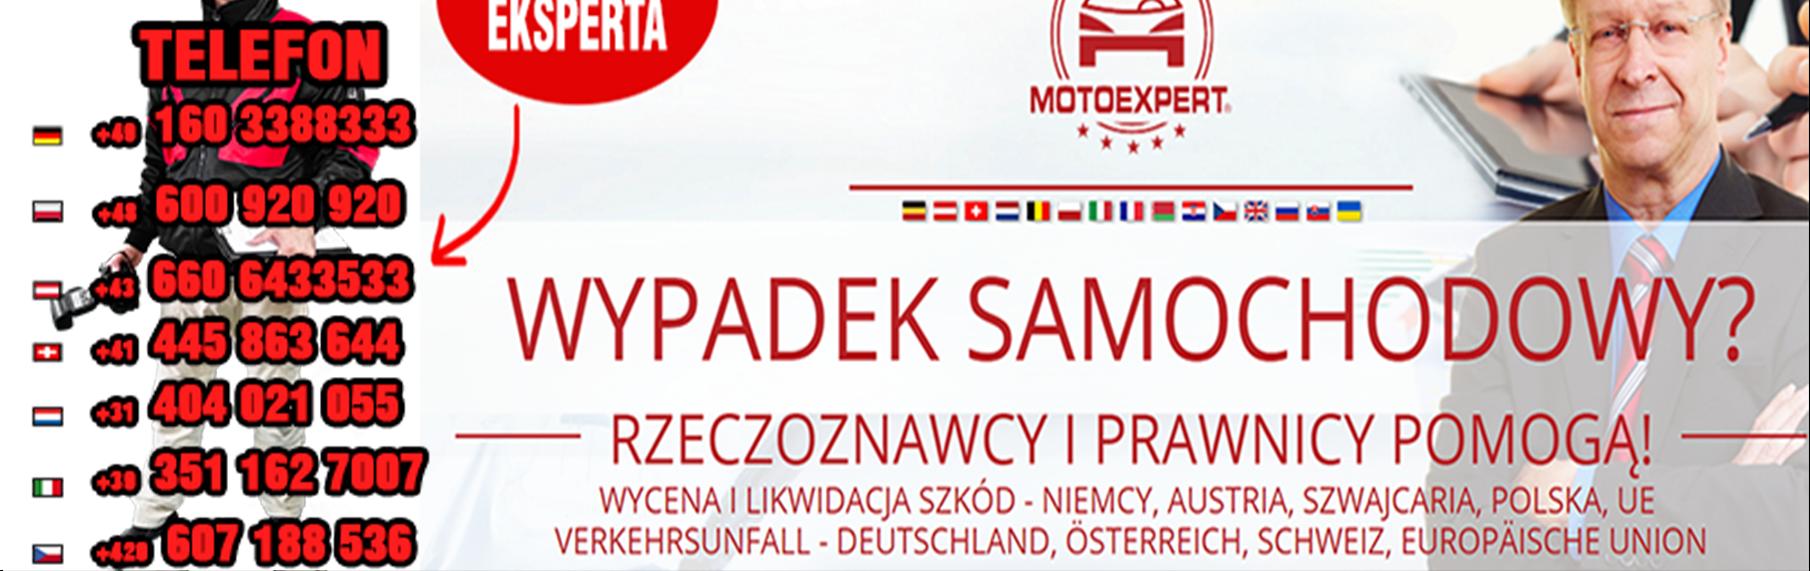 Autounfall in Polen Verkehrsunfall in Polen